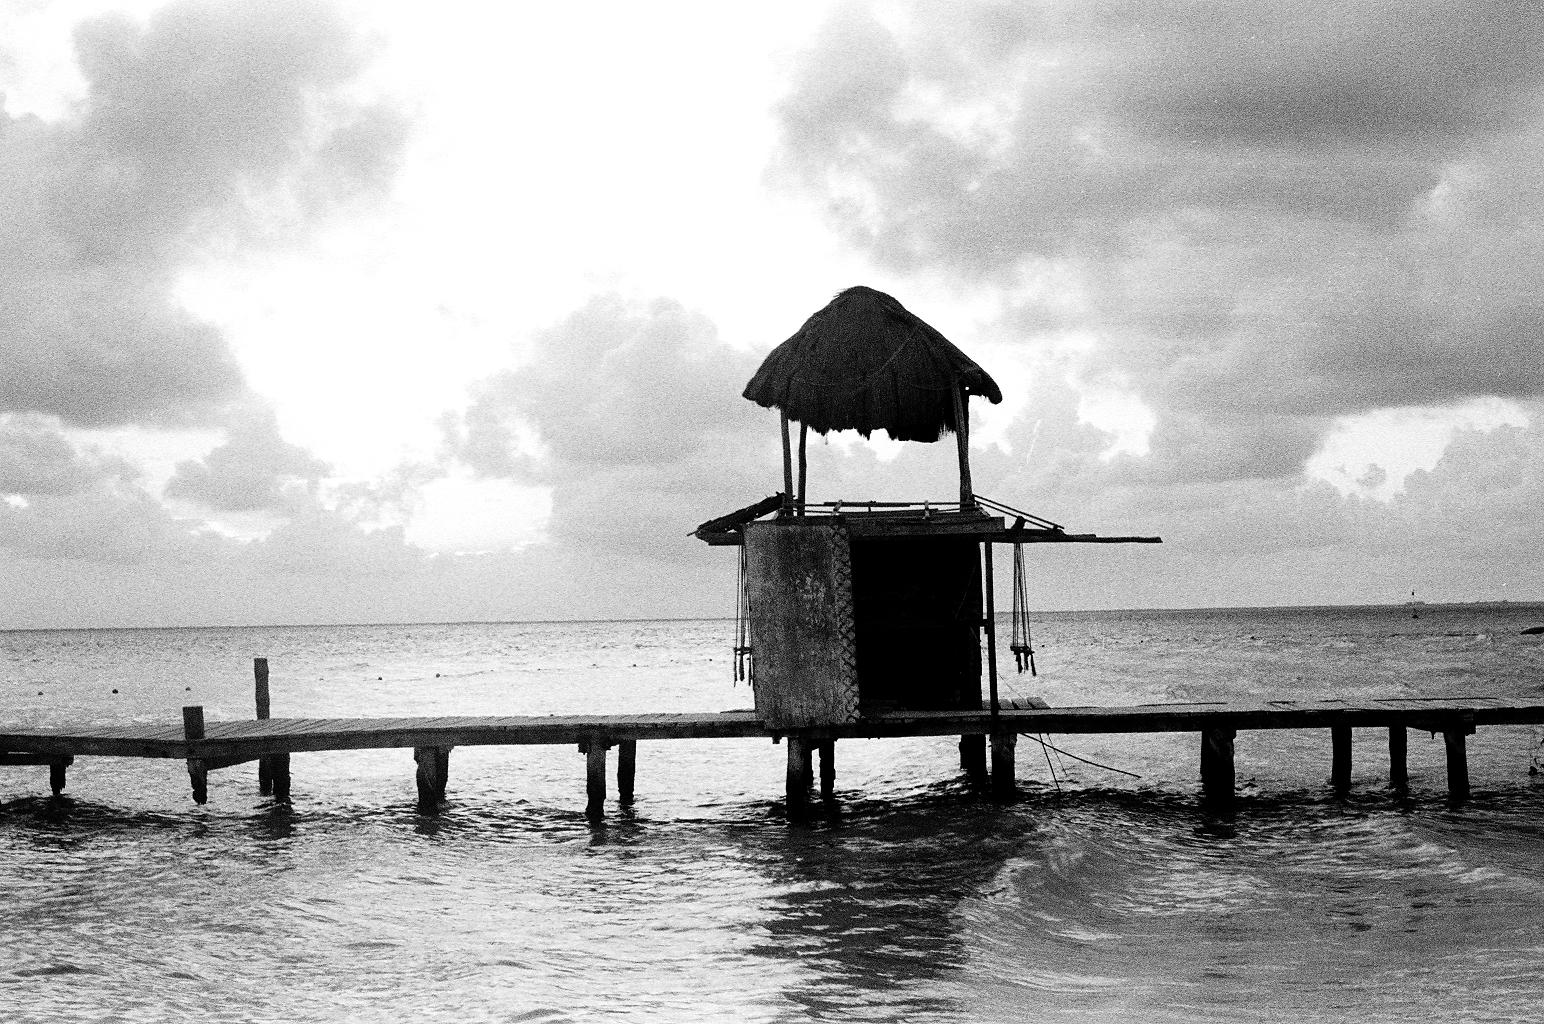 Isla Mujeres, Mexico, 2012